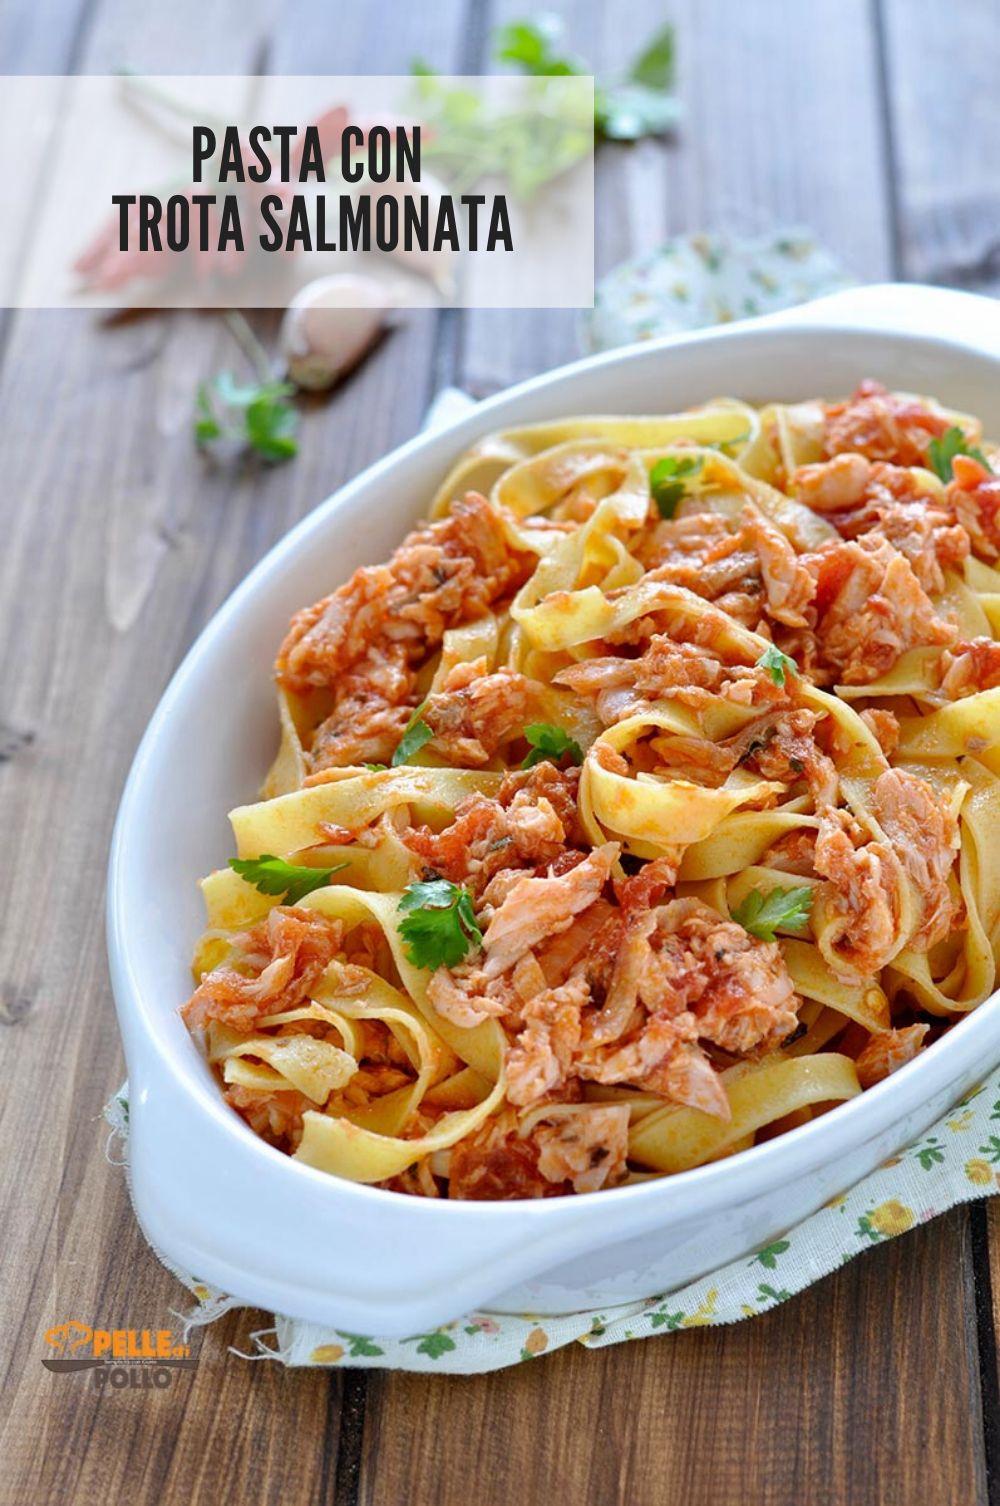 41ca60408aae680b70e1287780f035c8 - Pasta Ricette